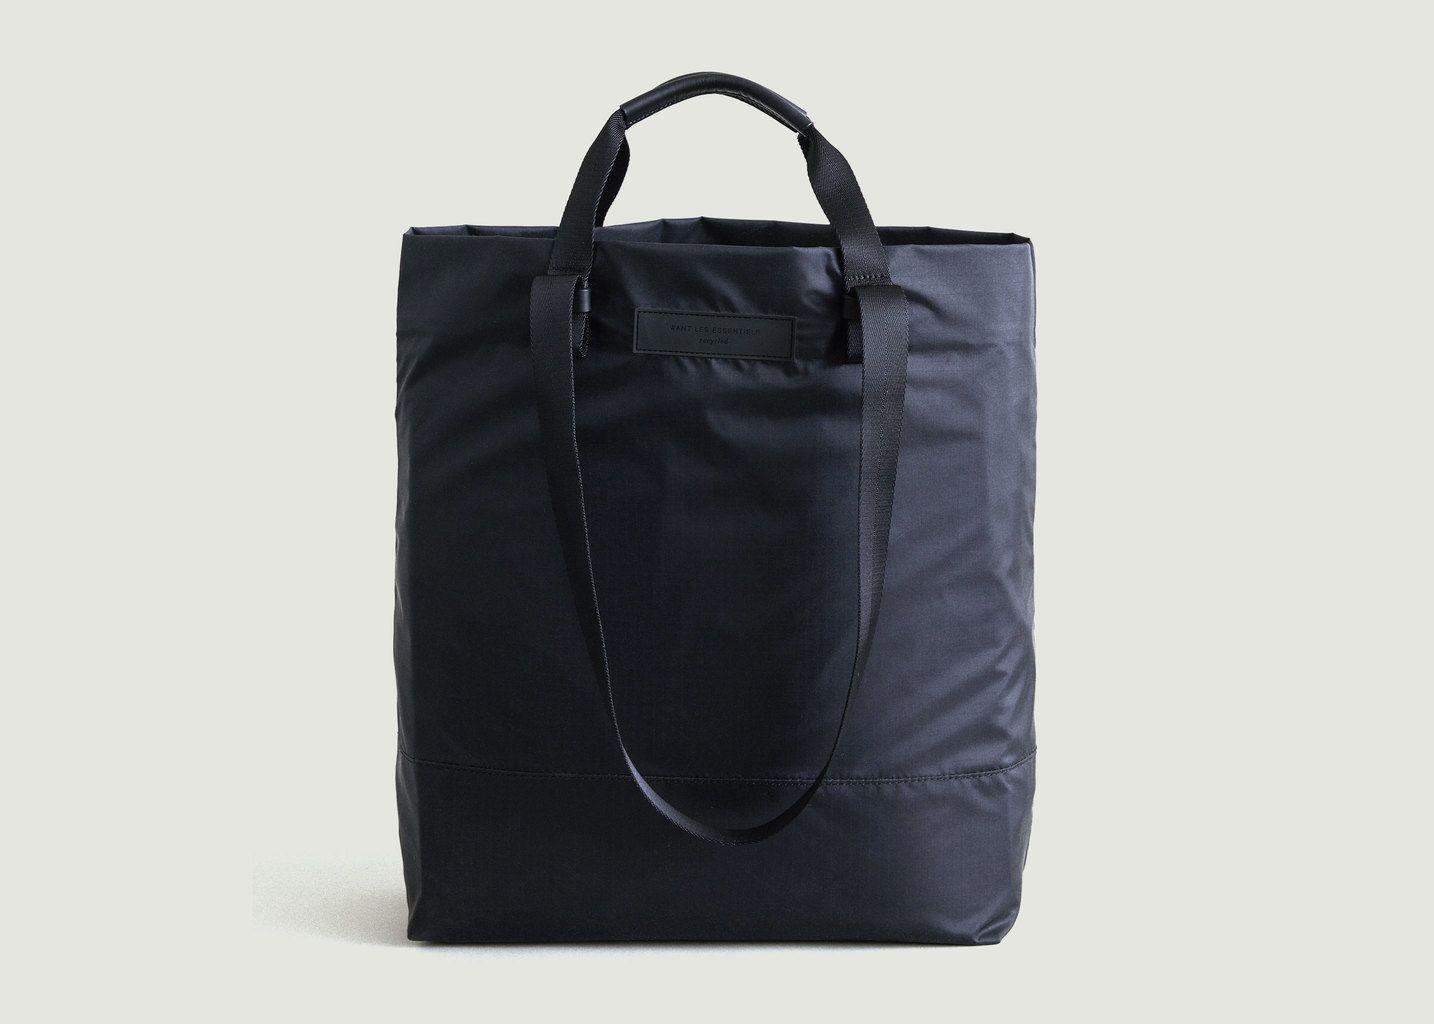 Shopper Tote Dayton - Want Les Essentiels